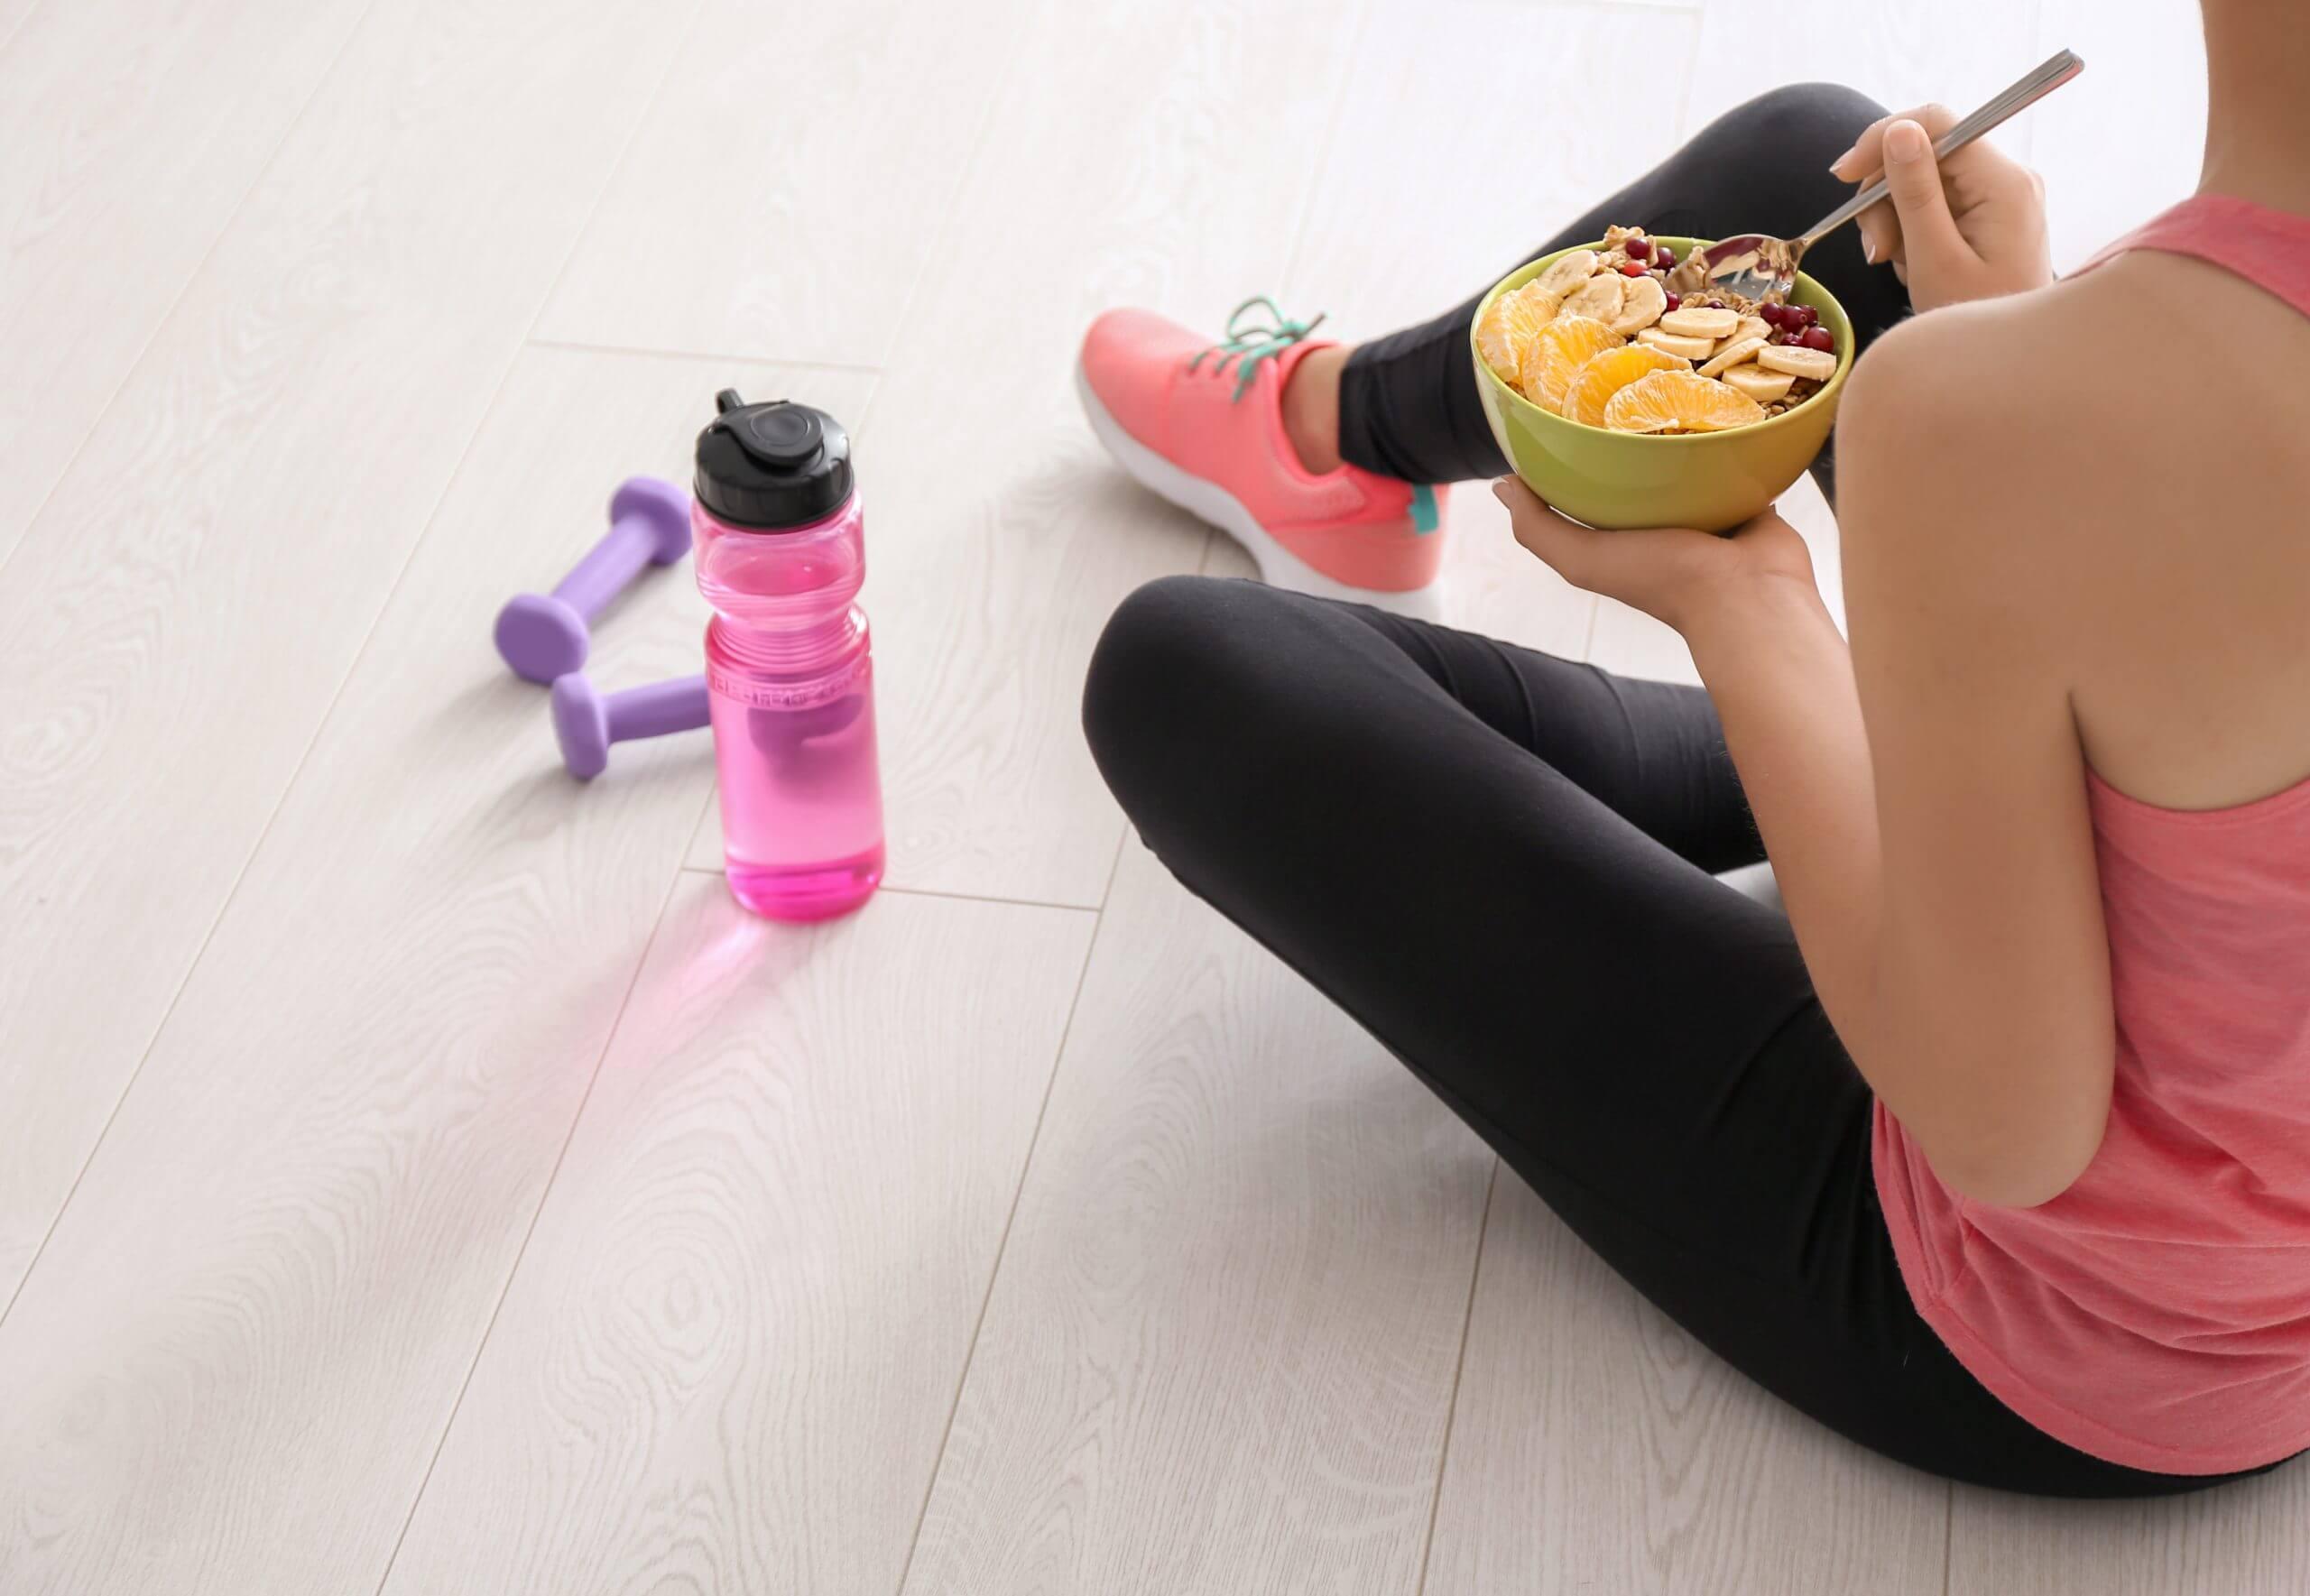 Praktische tips voor maaltijd timing bij sporten